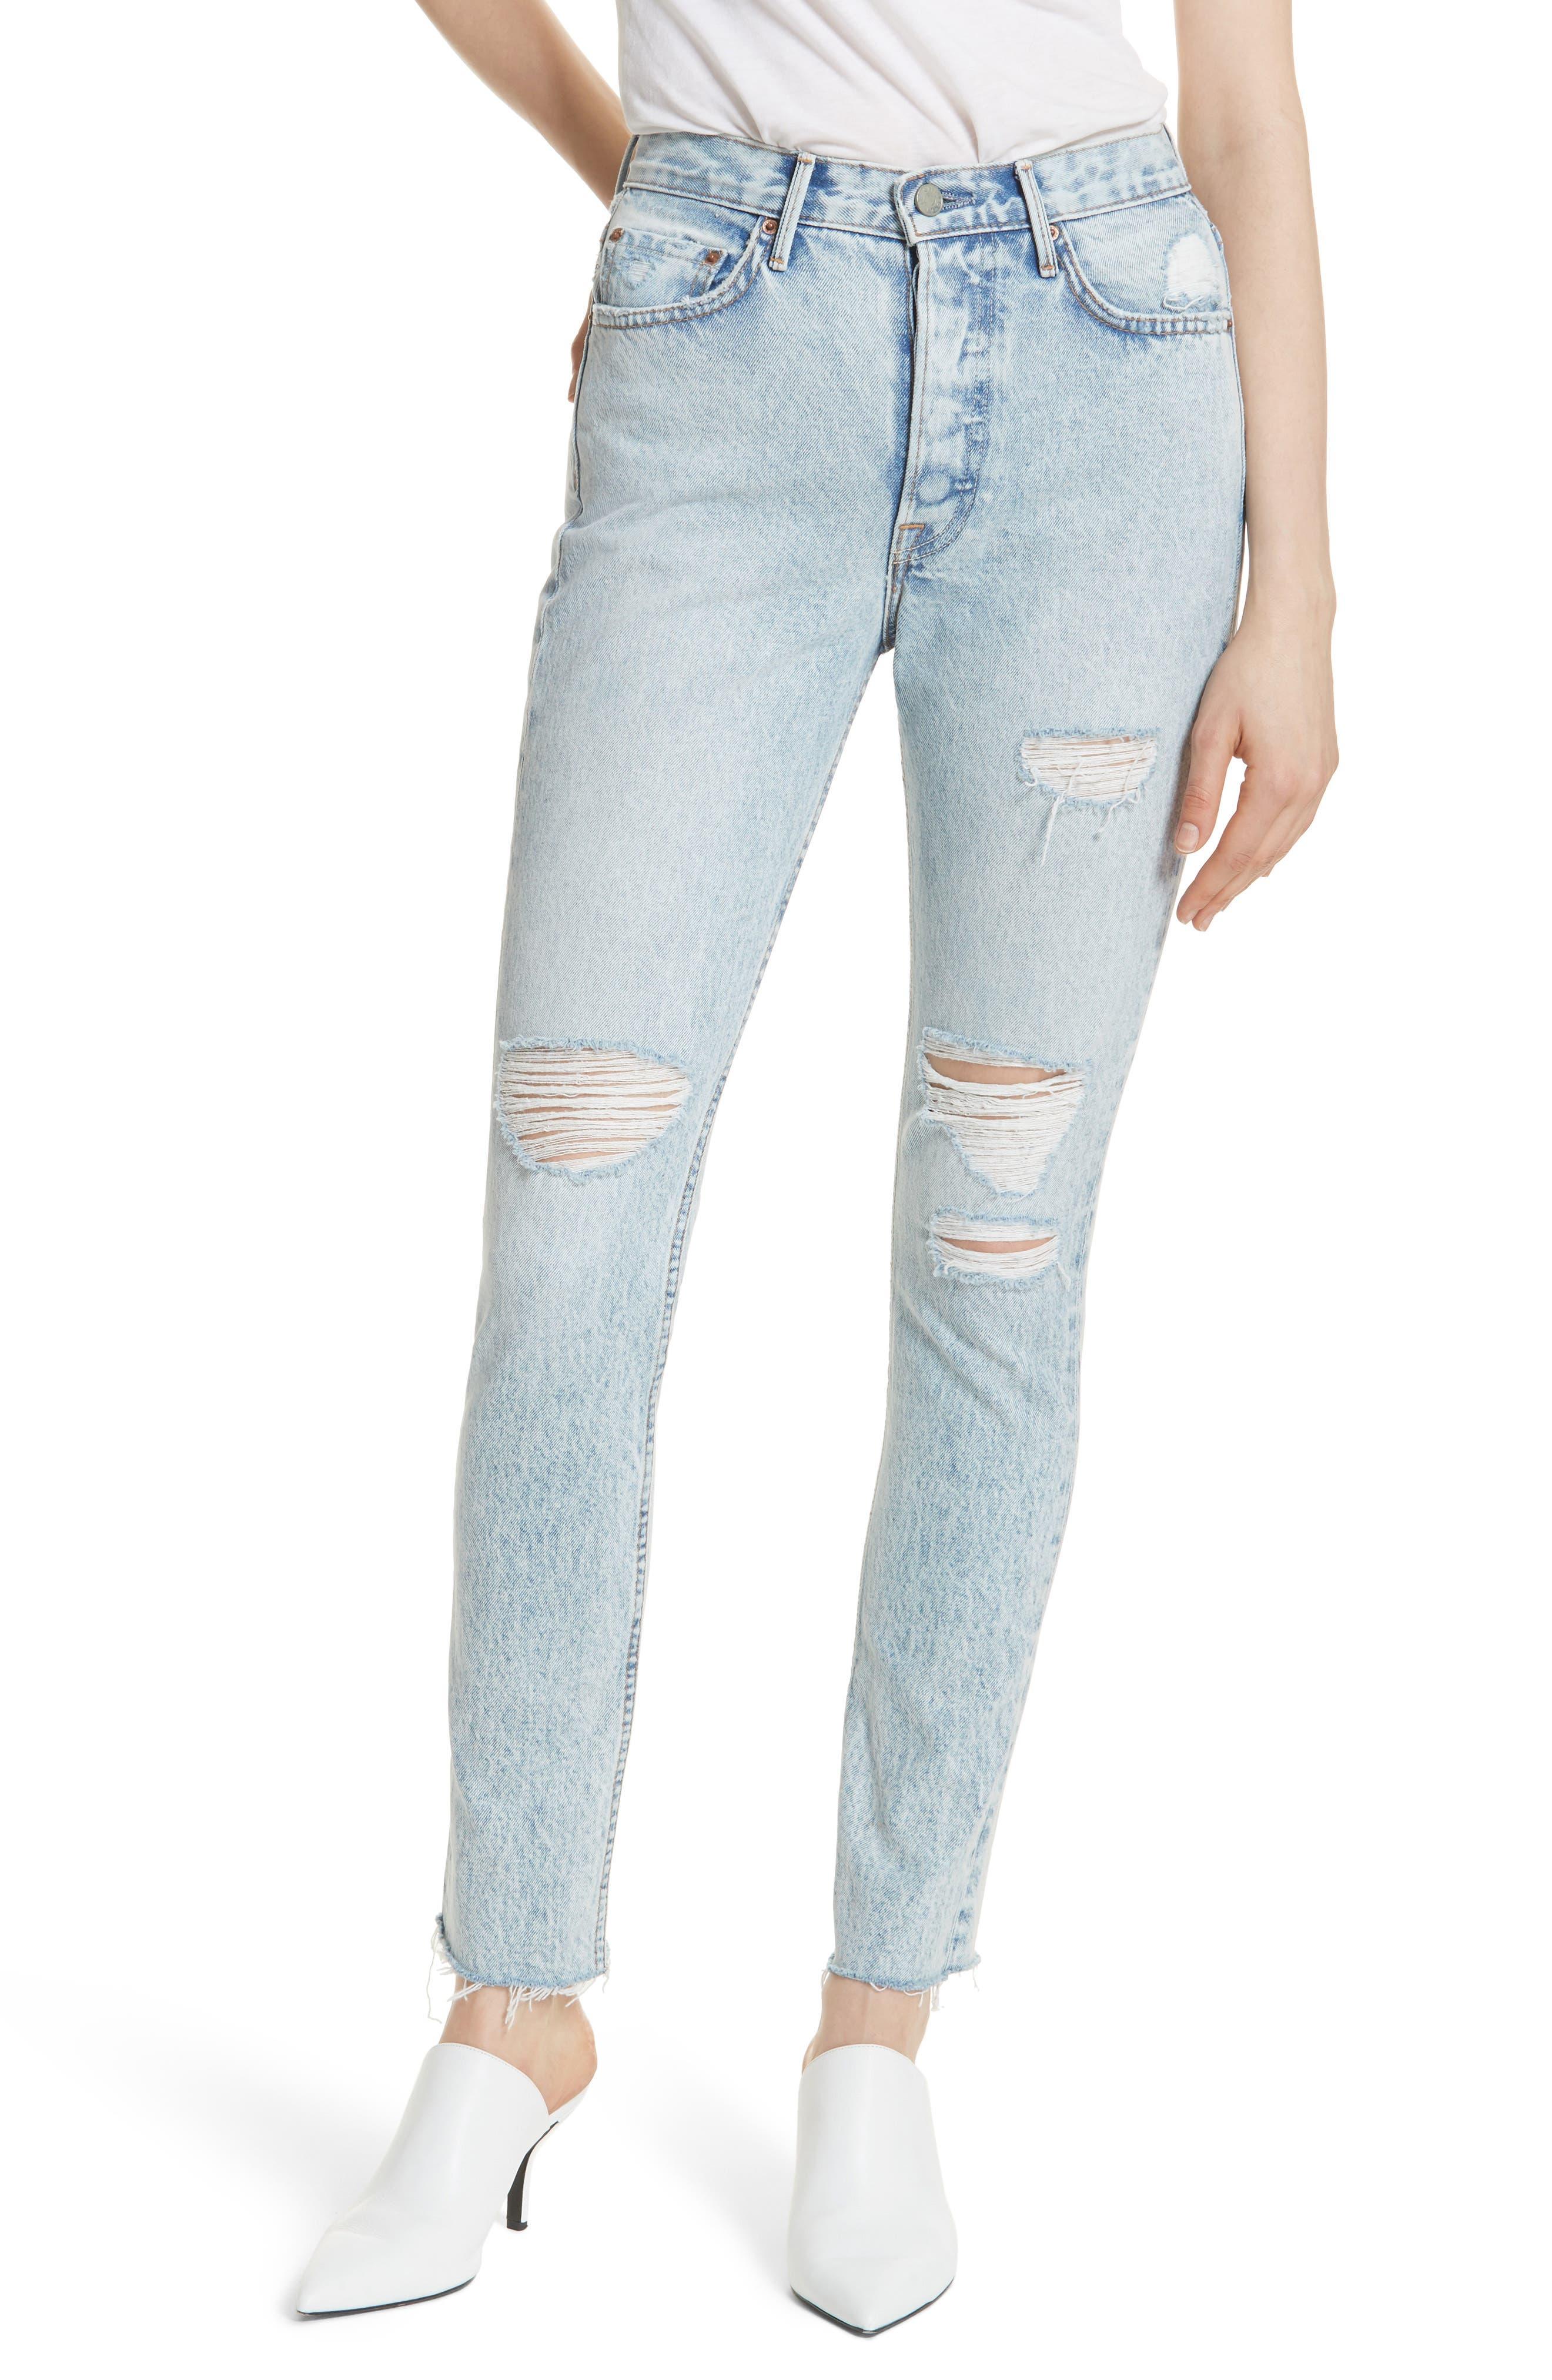 Karolina Ripped Skinny Jeans,                             Main thumbnail 1, color,                             Reactive